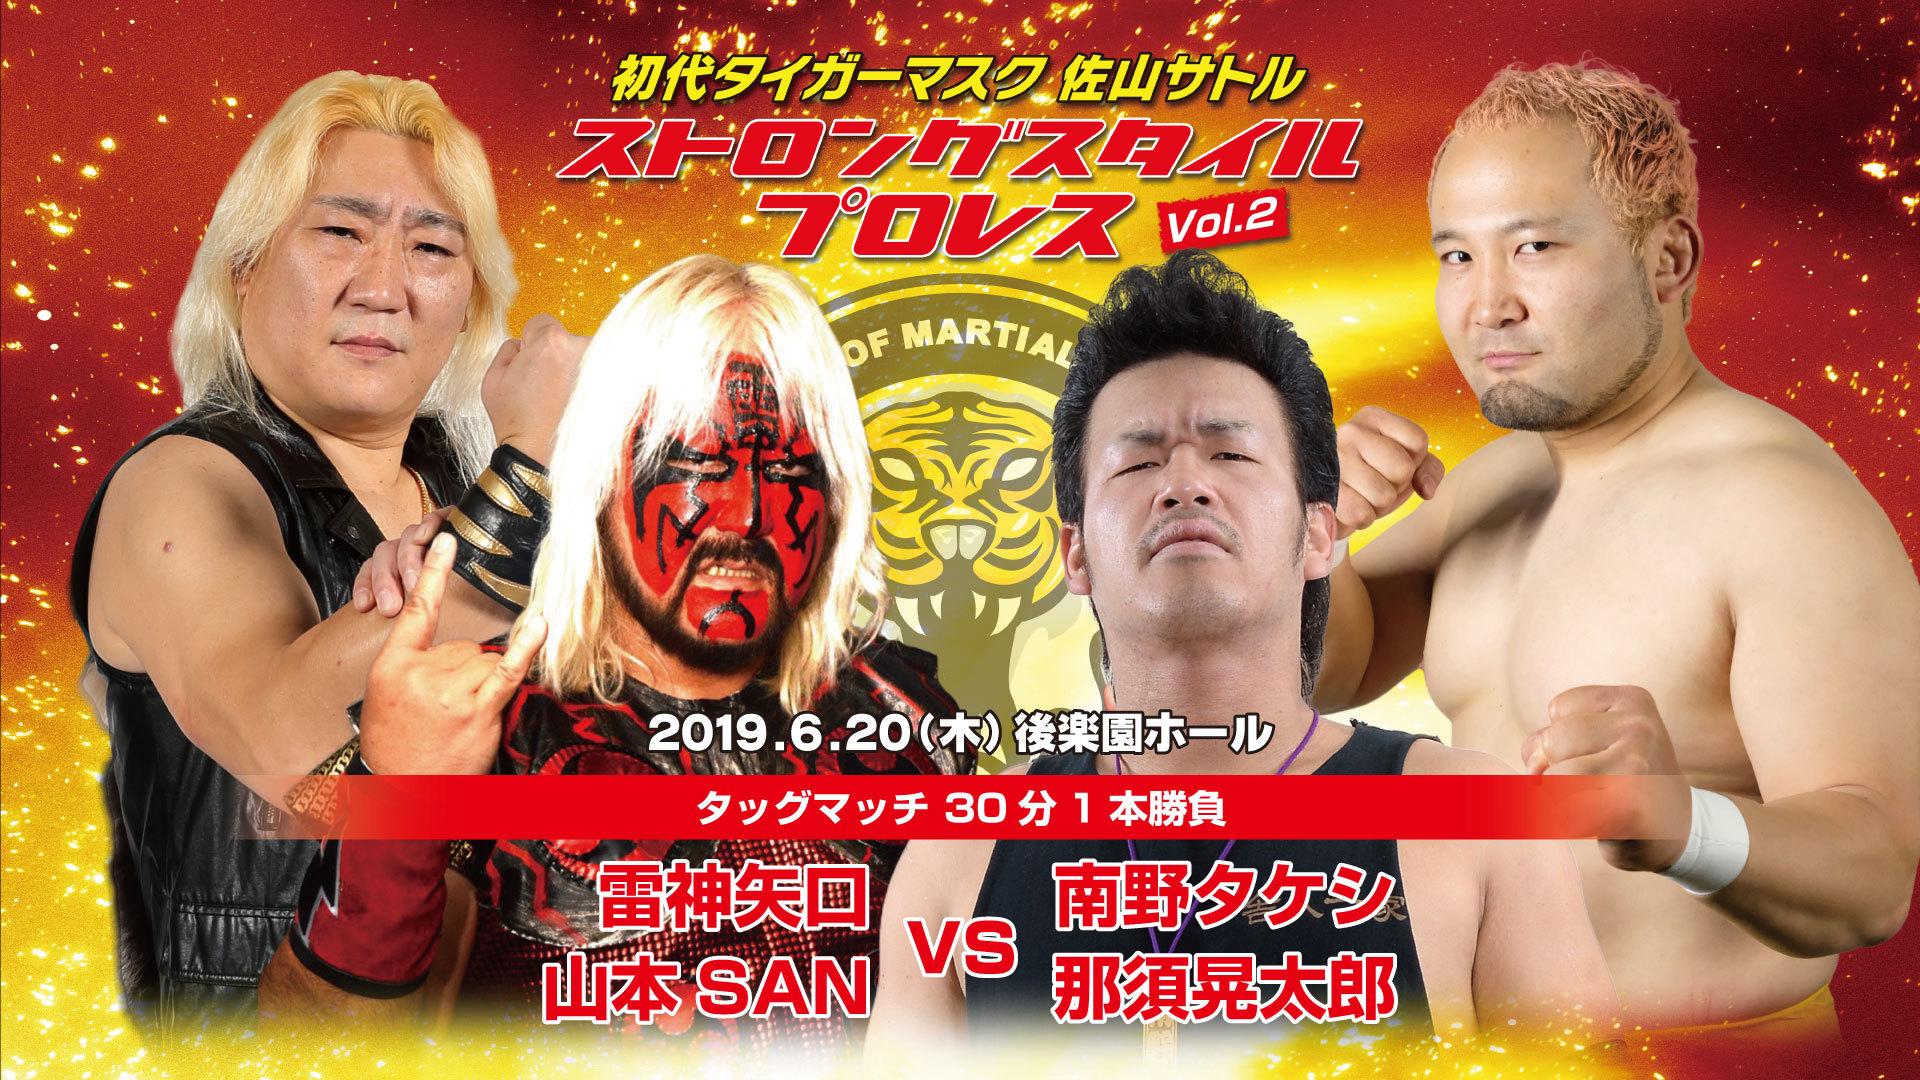 雷神矢口と山本SANが、南野タケシと那須晃太郎と対戦